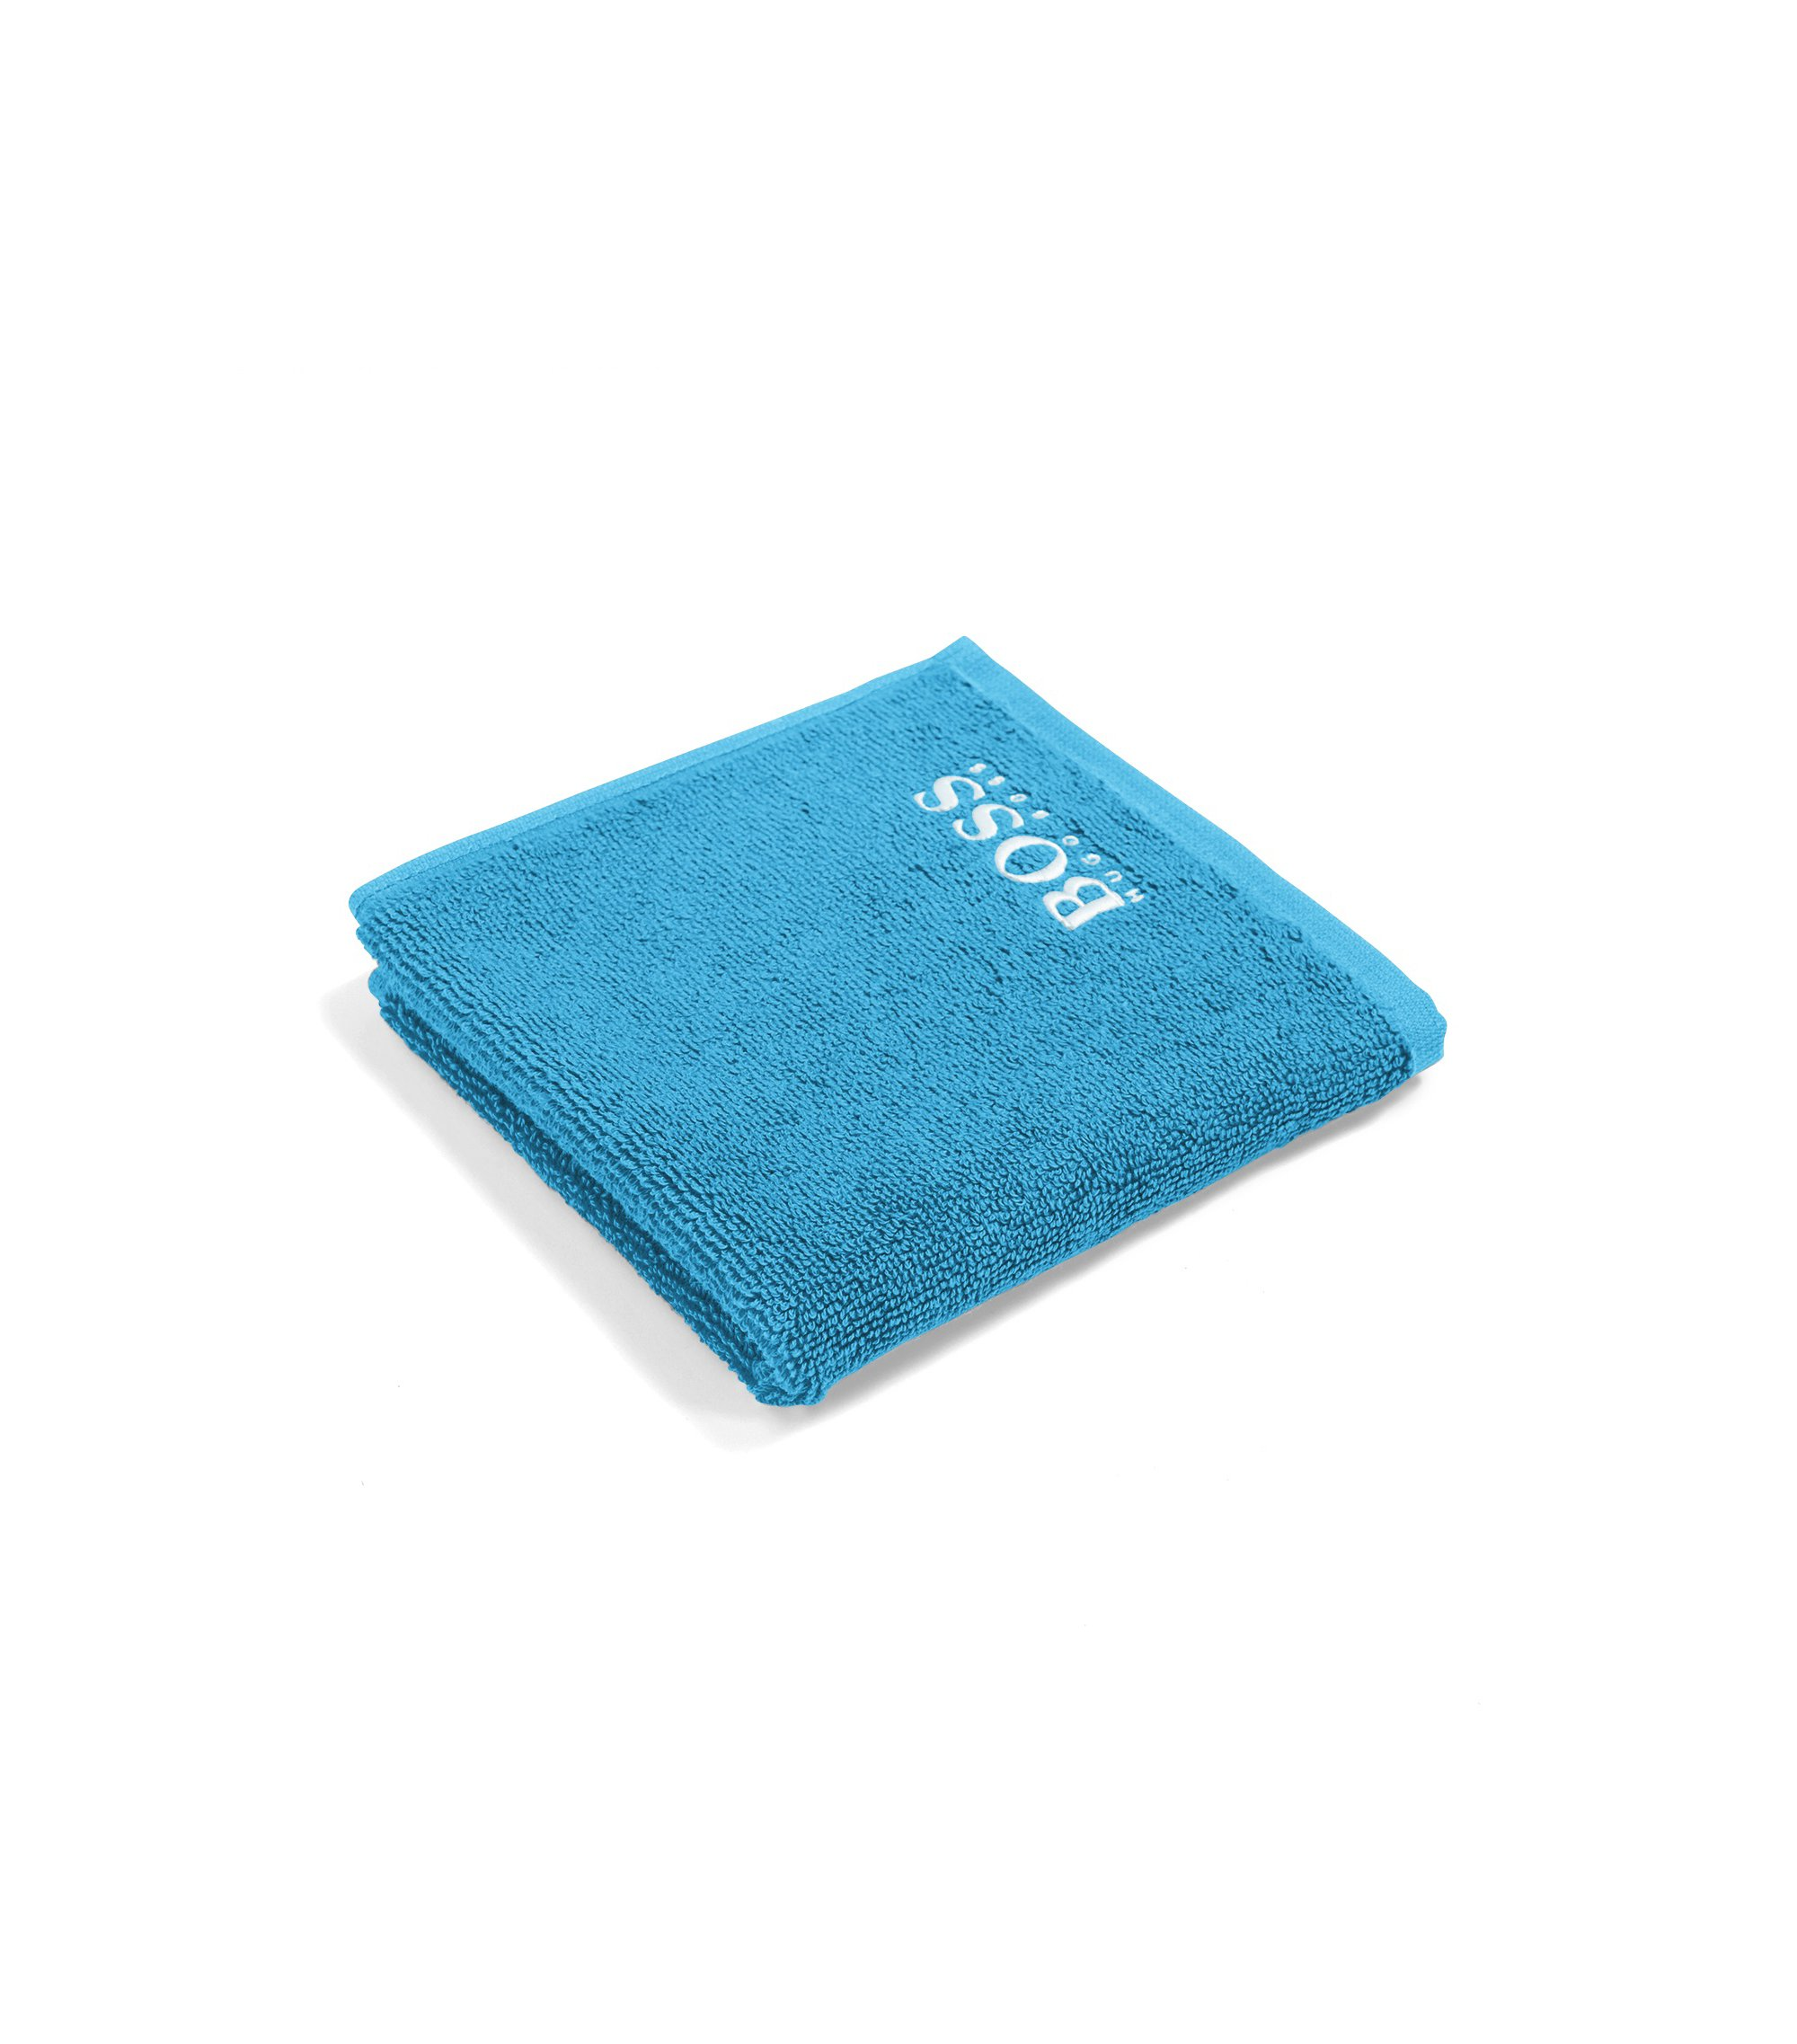 Asciugamano da viso in raffinato cotone egiziano con logo ricamato, Blu